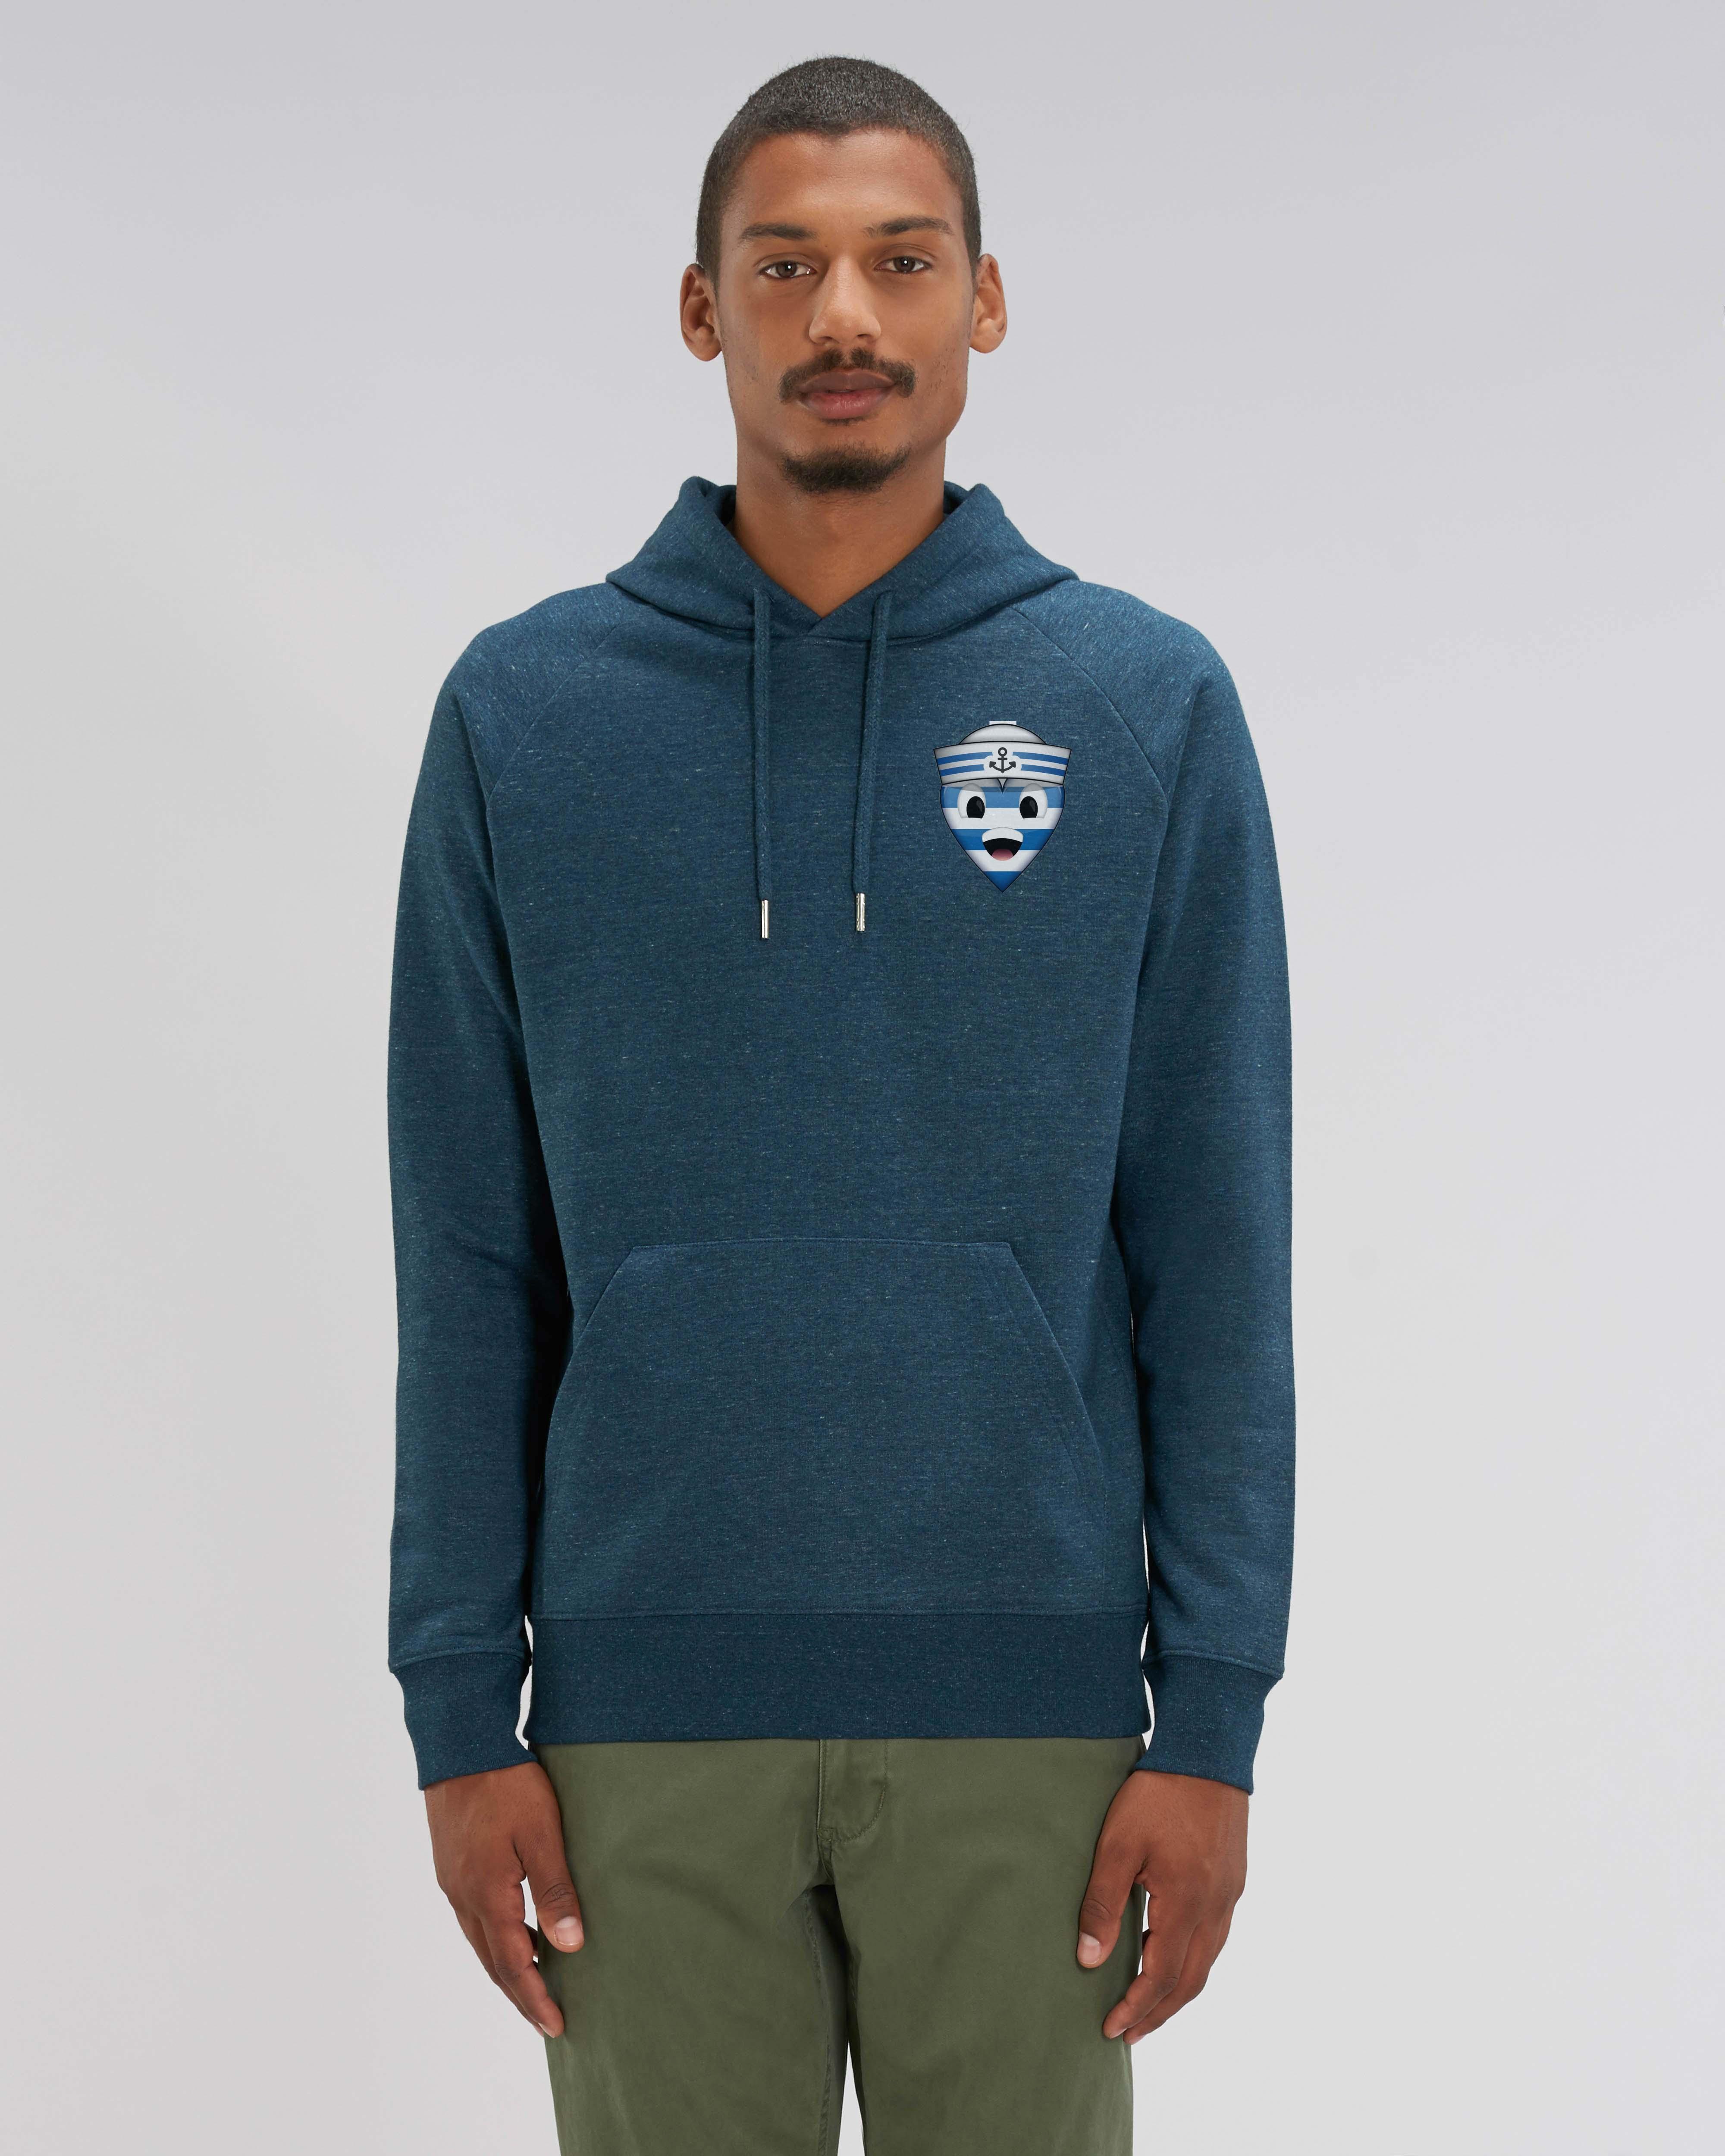 Sweat shirt à Capuche jean sombre chiné - navy hoodie